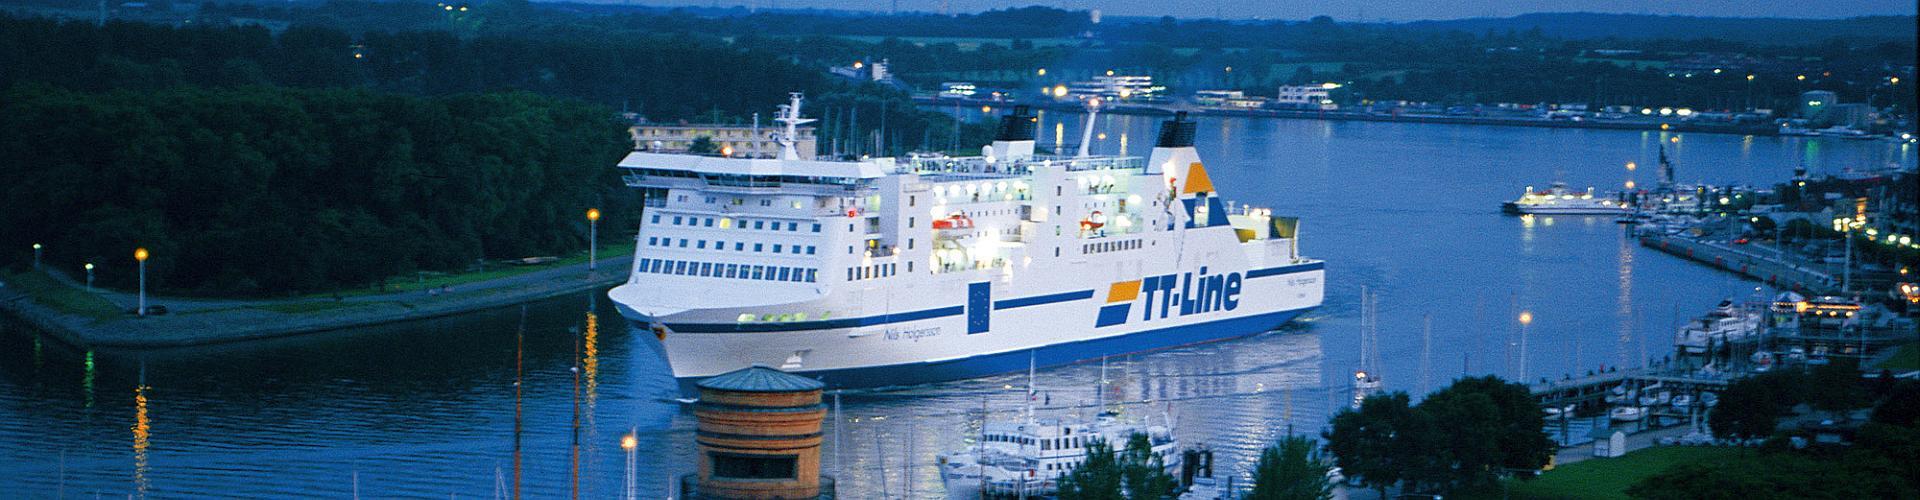 TT-Line Fähre, Ostsee